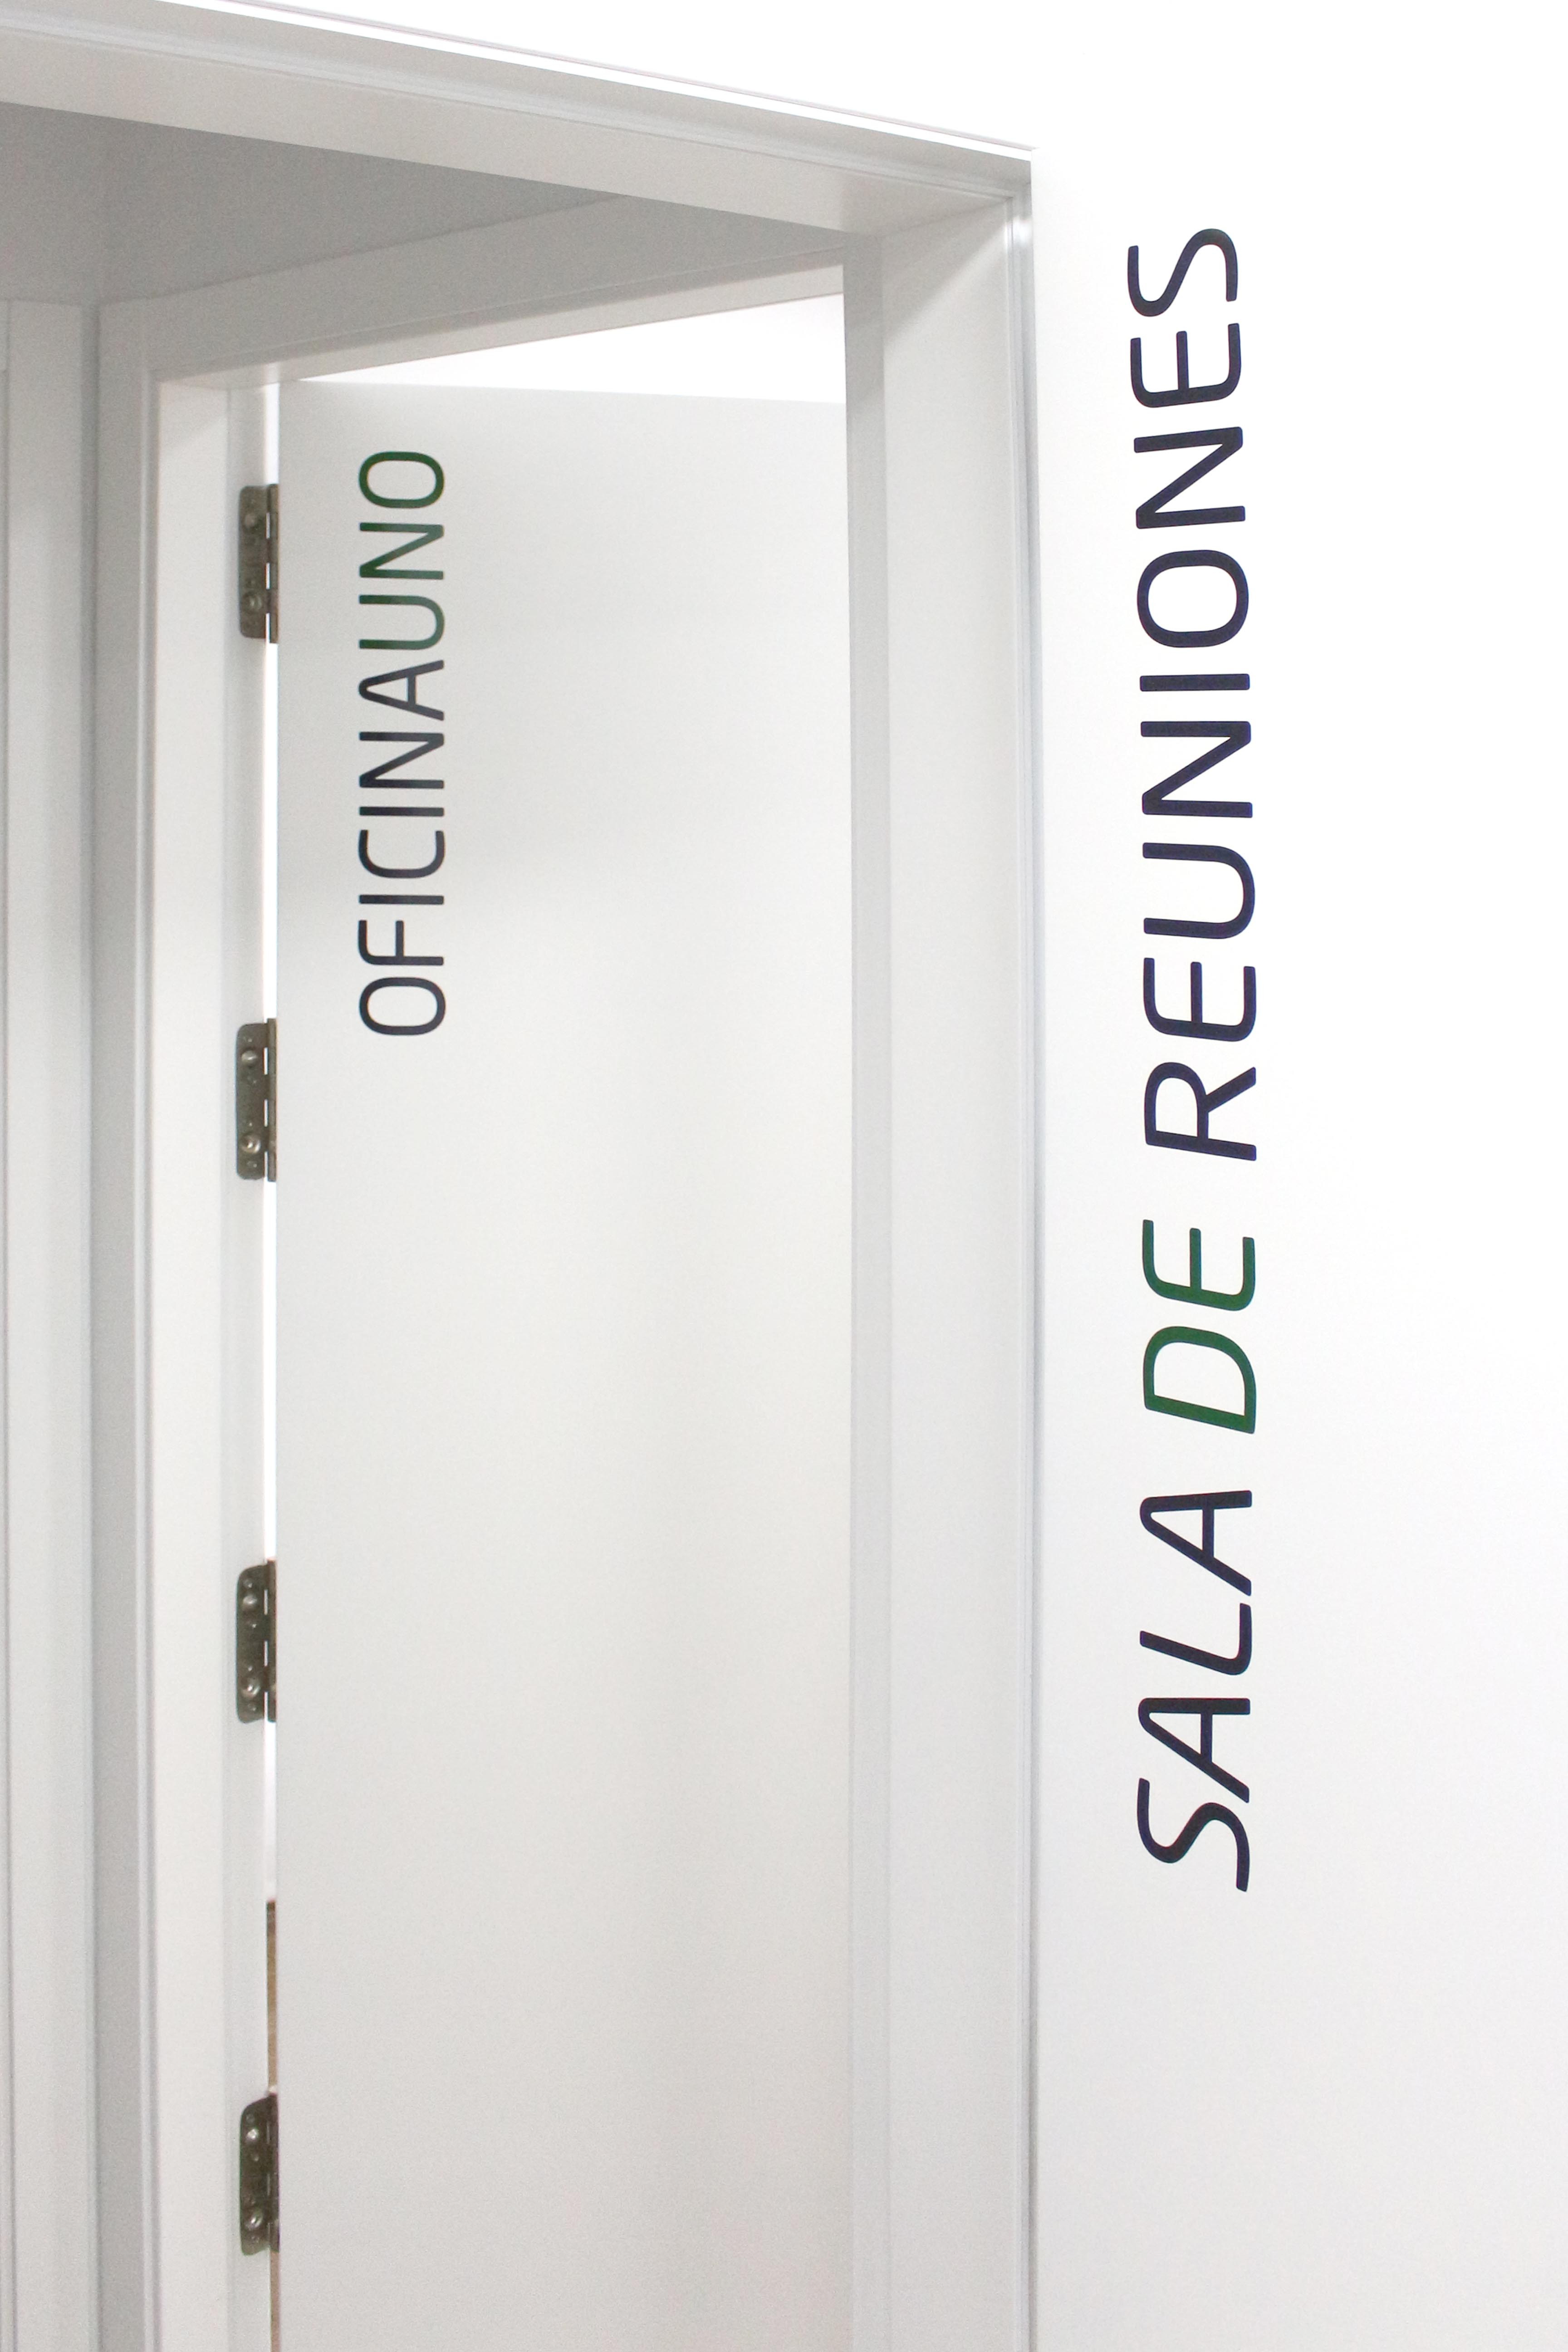 Rotulación en vinilo de corte 3M, Atelier Coworking, Tacoronte, Tenerife